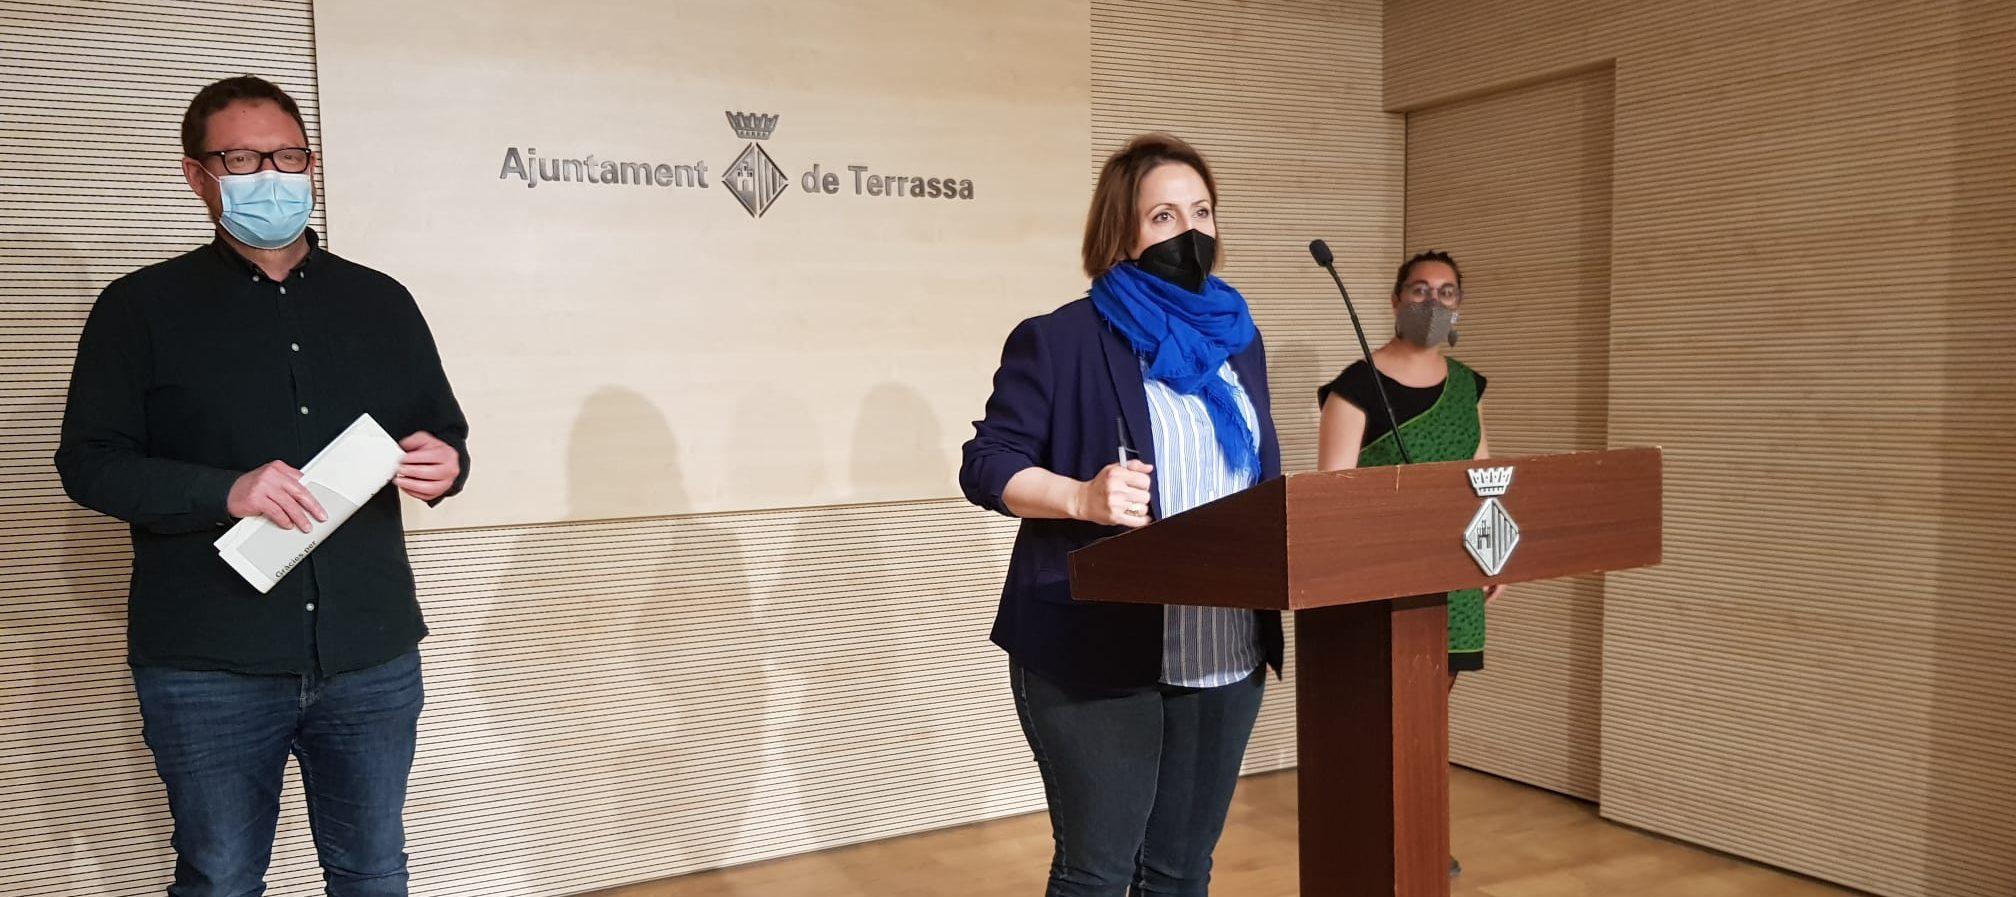 Miquel Juncosa, Mónica Polo i Maria Aran, presentant el Pla Local Antiestigma de Terrassa   Lluïsa Tarrida